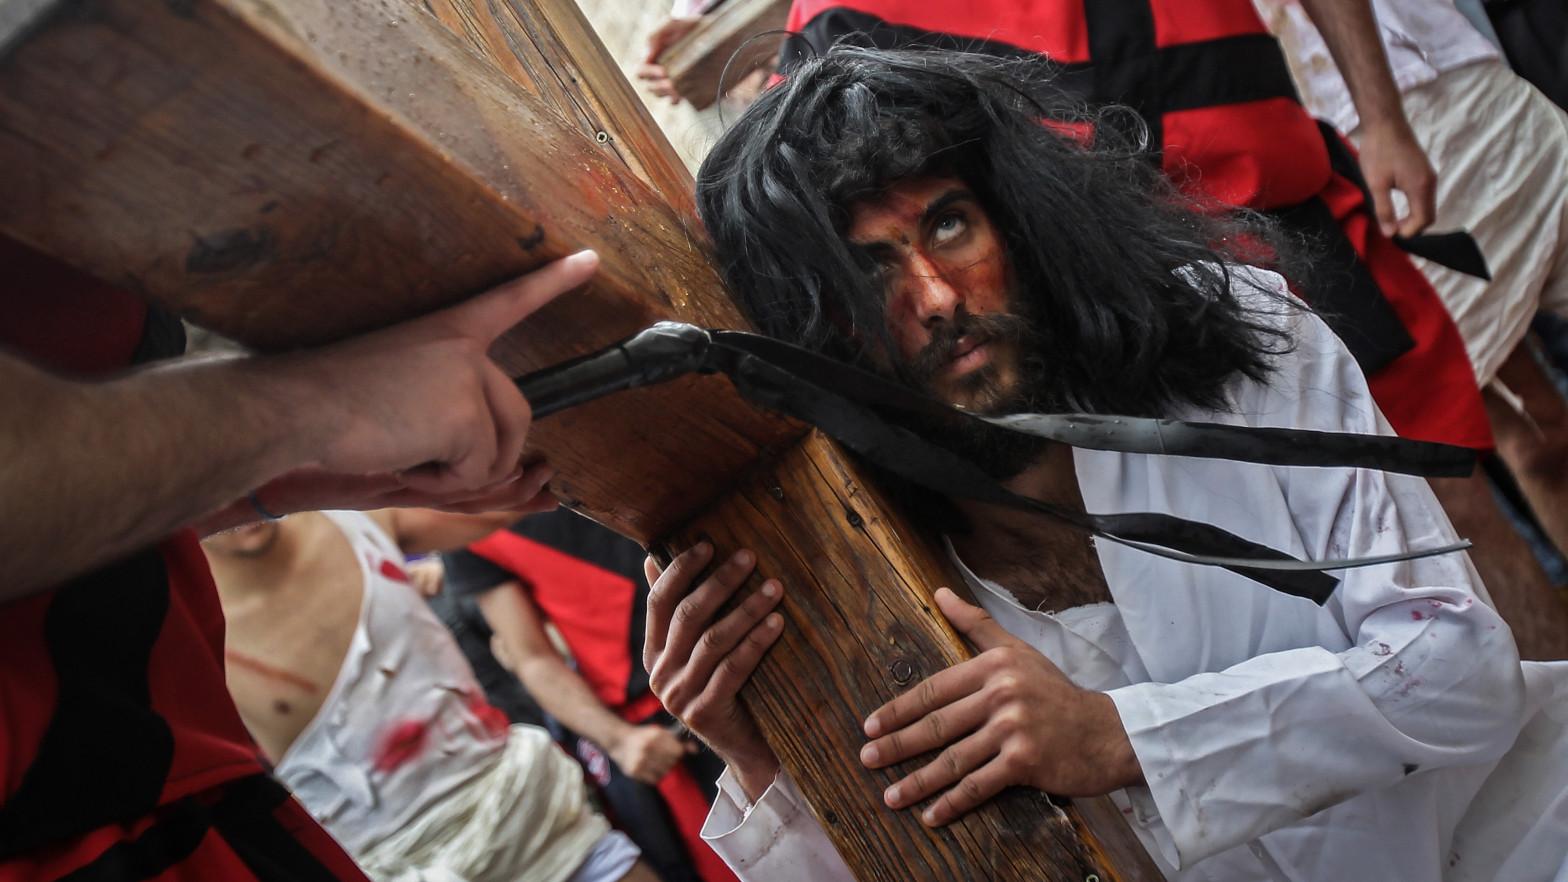 Si Jesucristo bajara a España